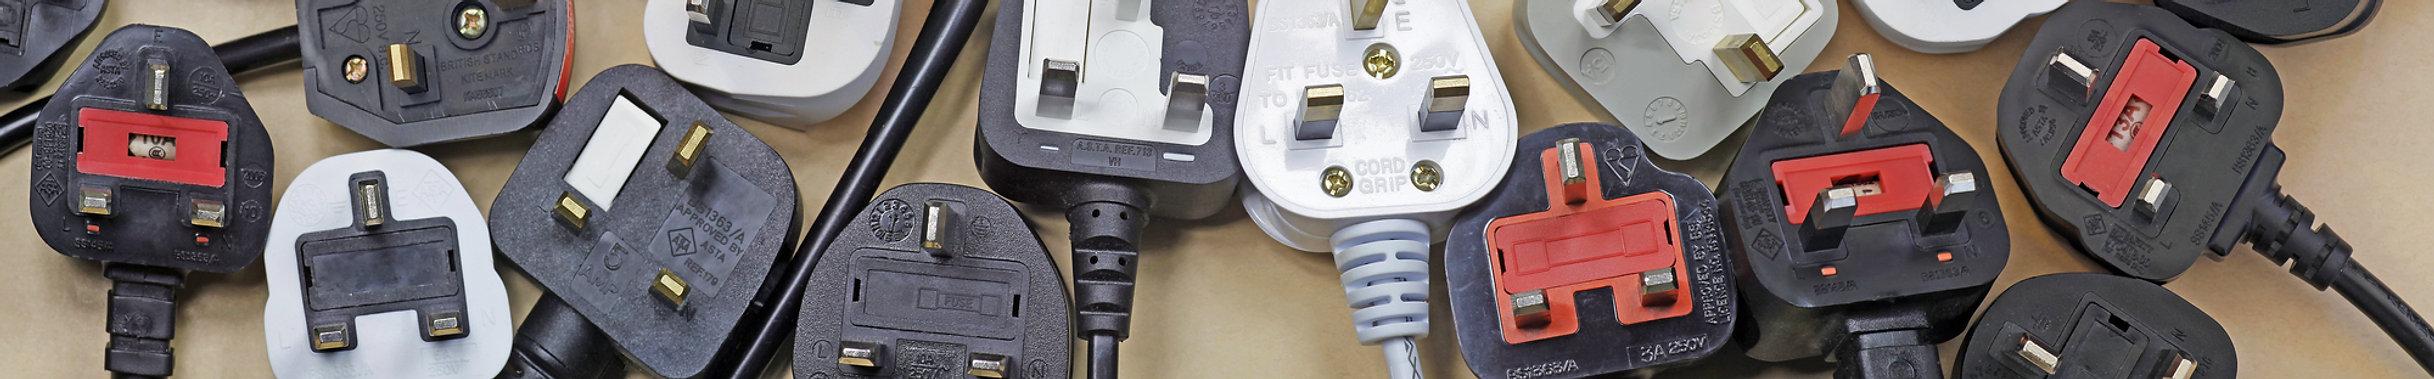 PAT Testing plugs